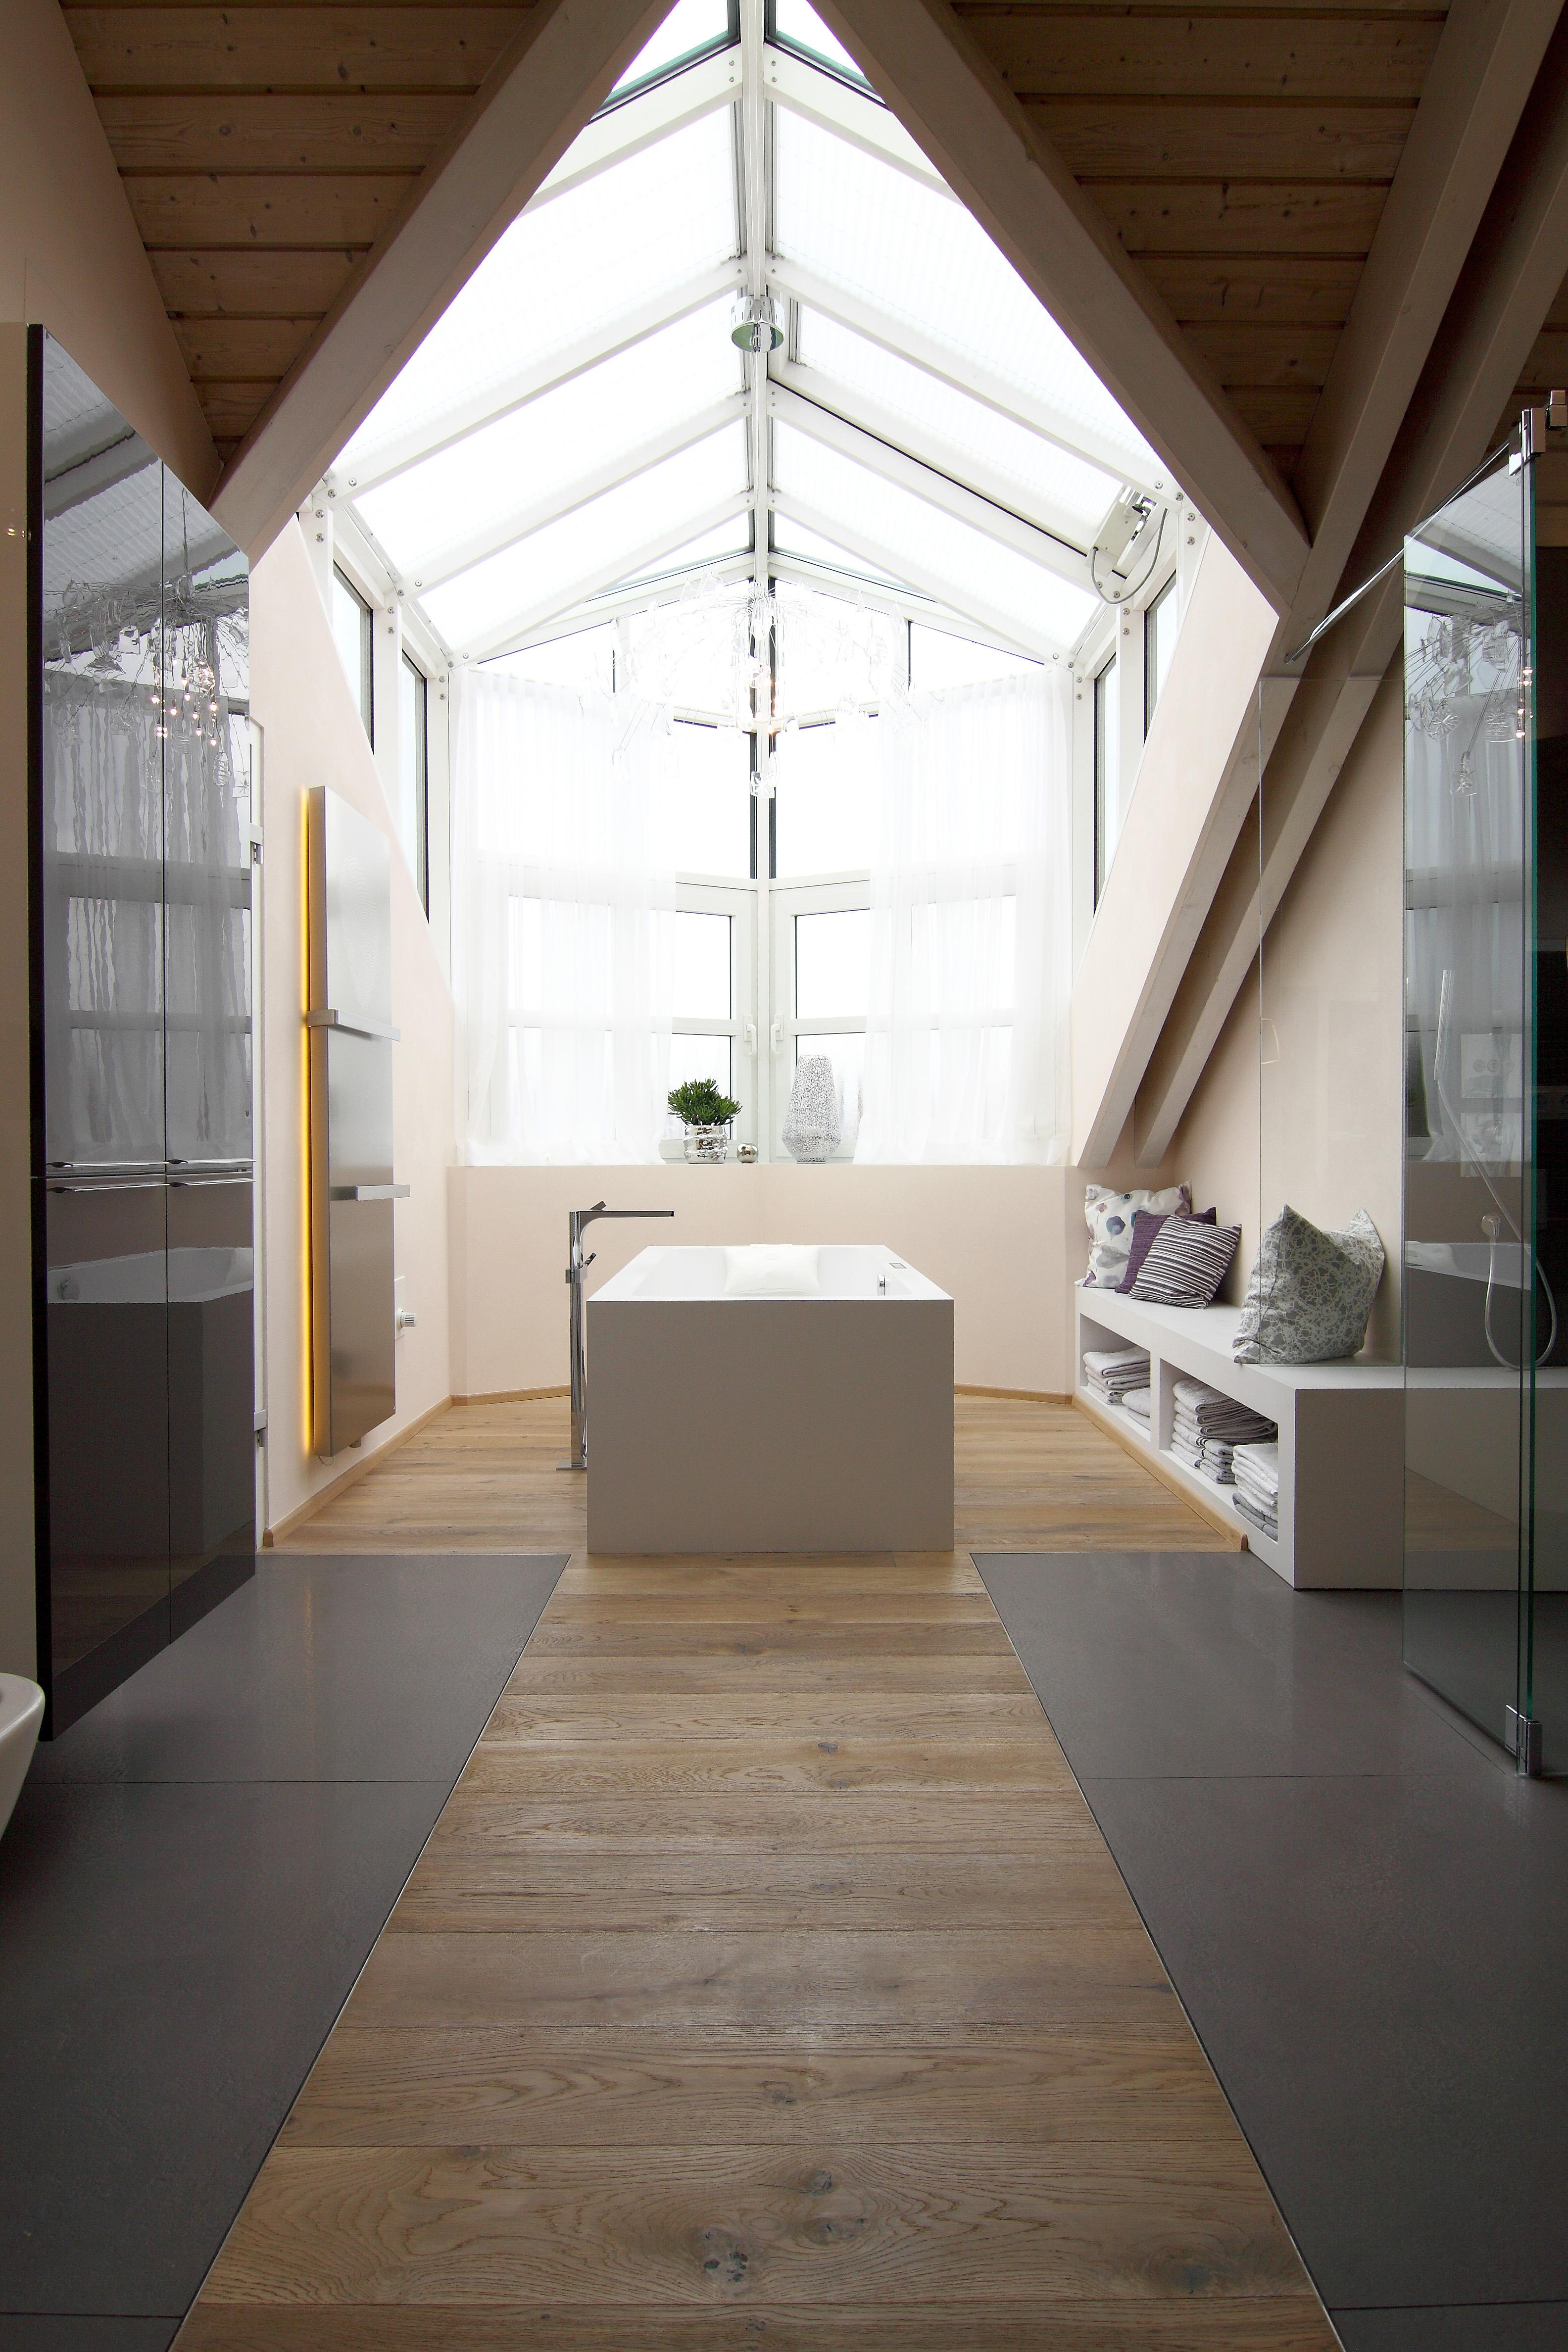 Bemerkenswert Badezimmer Badewanne Galerie Von #bestebadstudios #badezimmer #bad #badewanne #traumbad #wellness